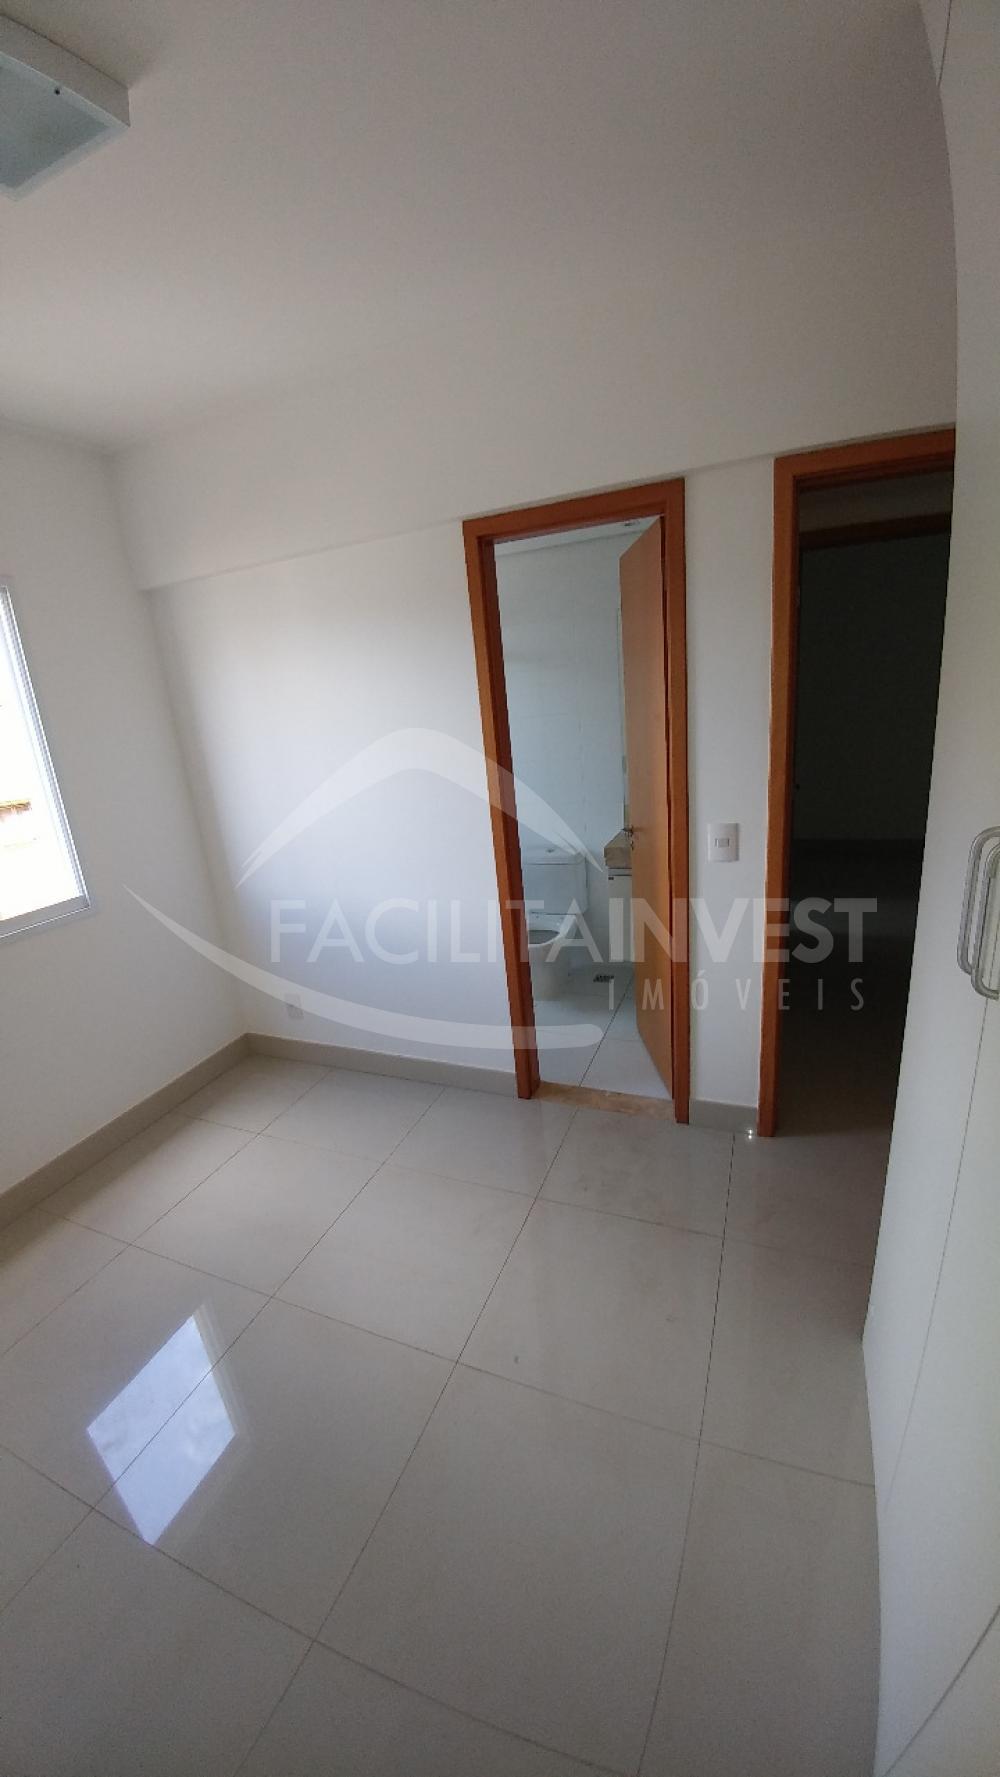 Alugar Apartamentos / Apart. Padrão em Ribeirão Preto apenas R$ 3.500,00 - Foto 14